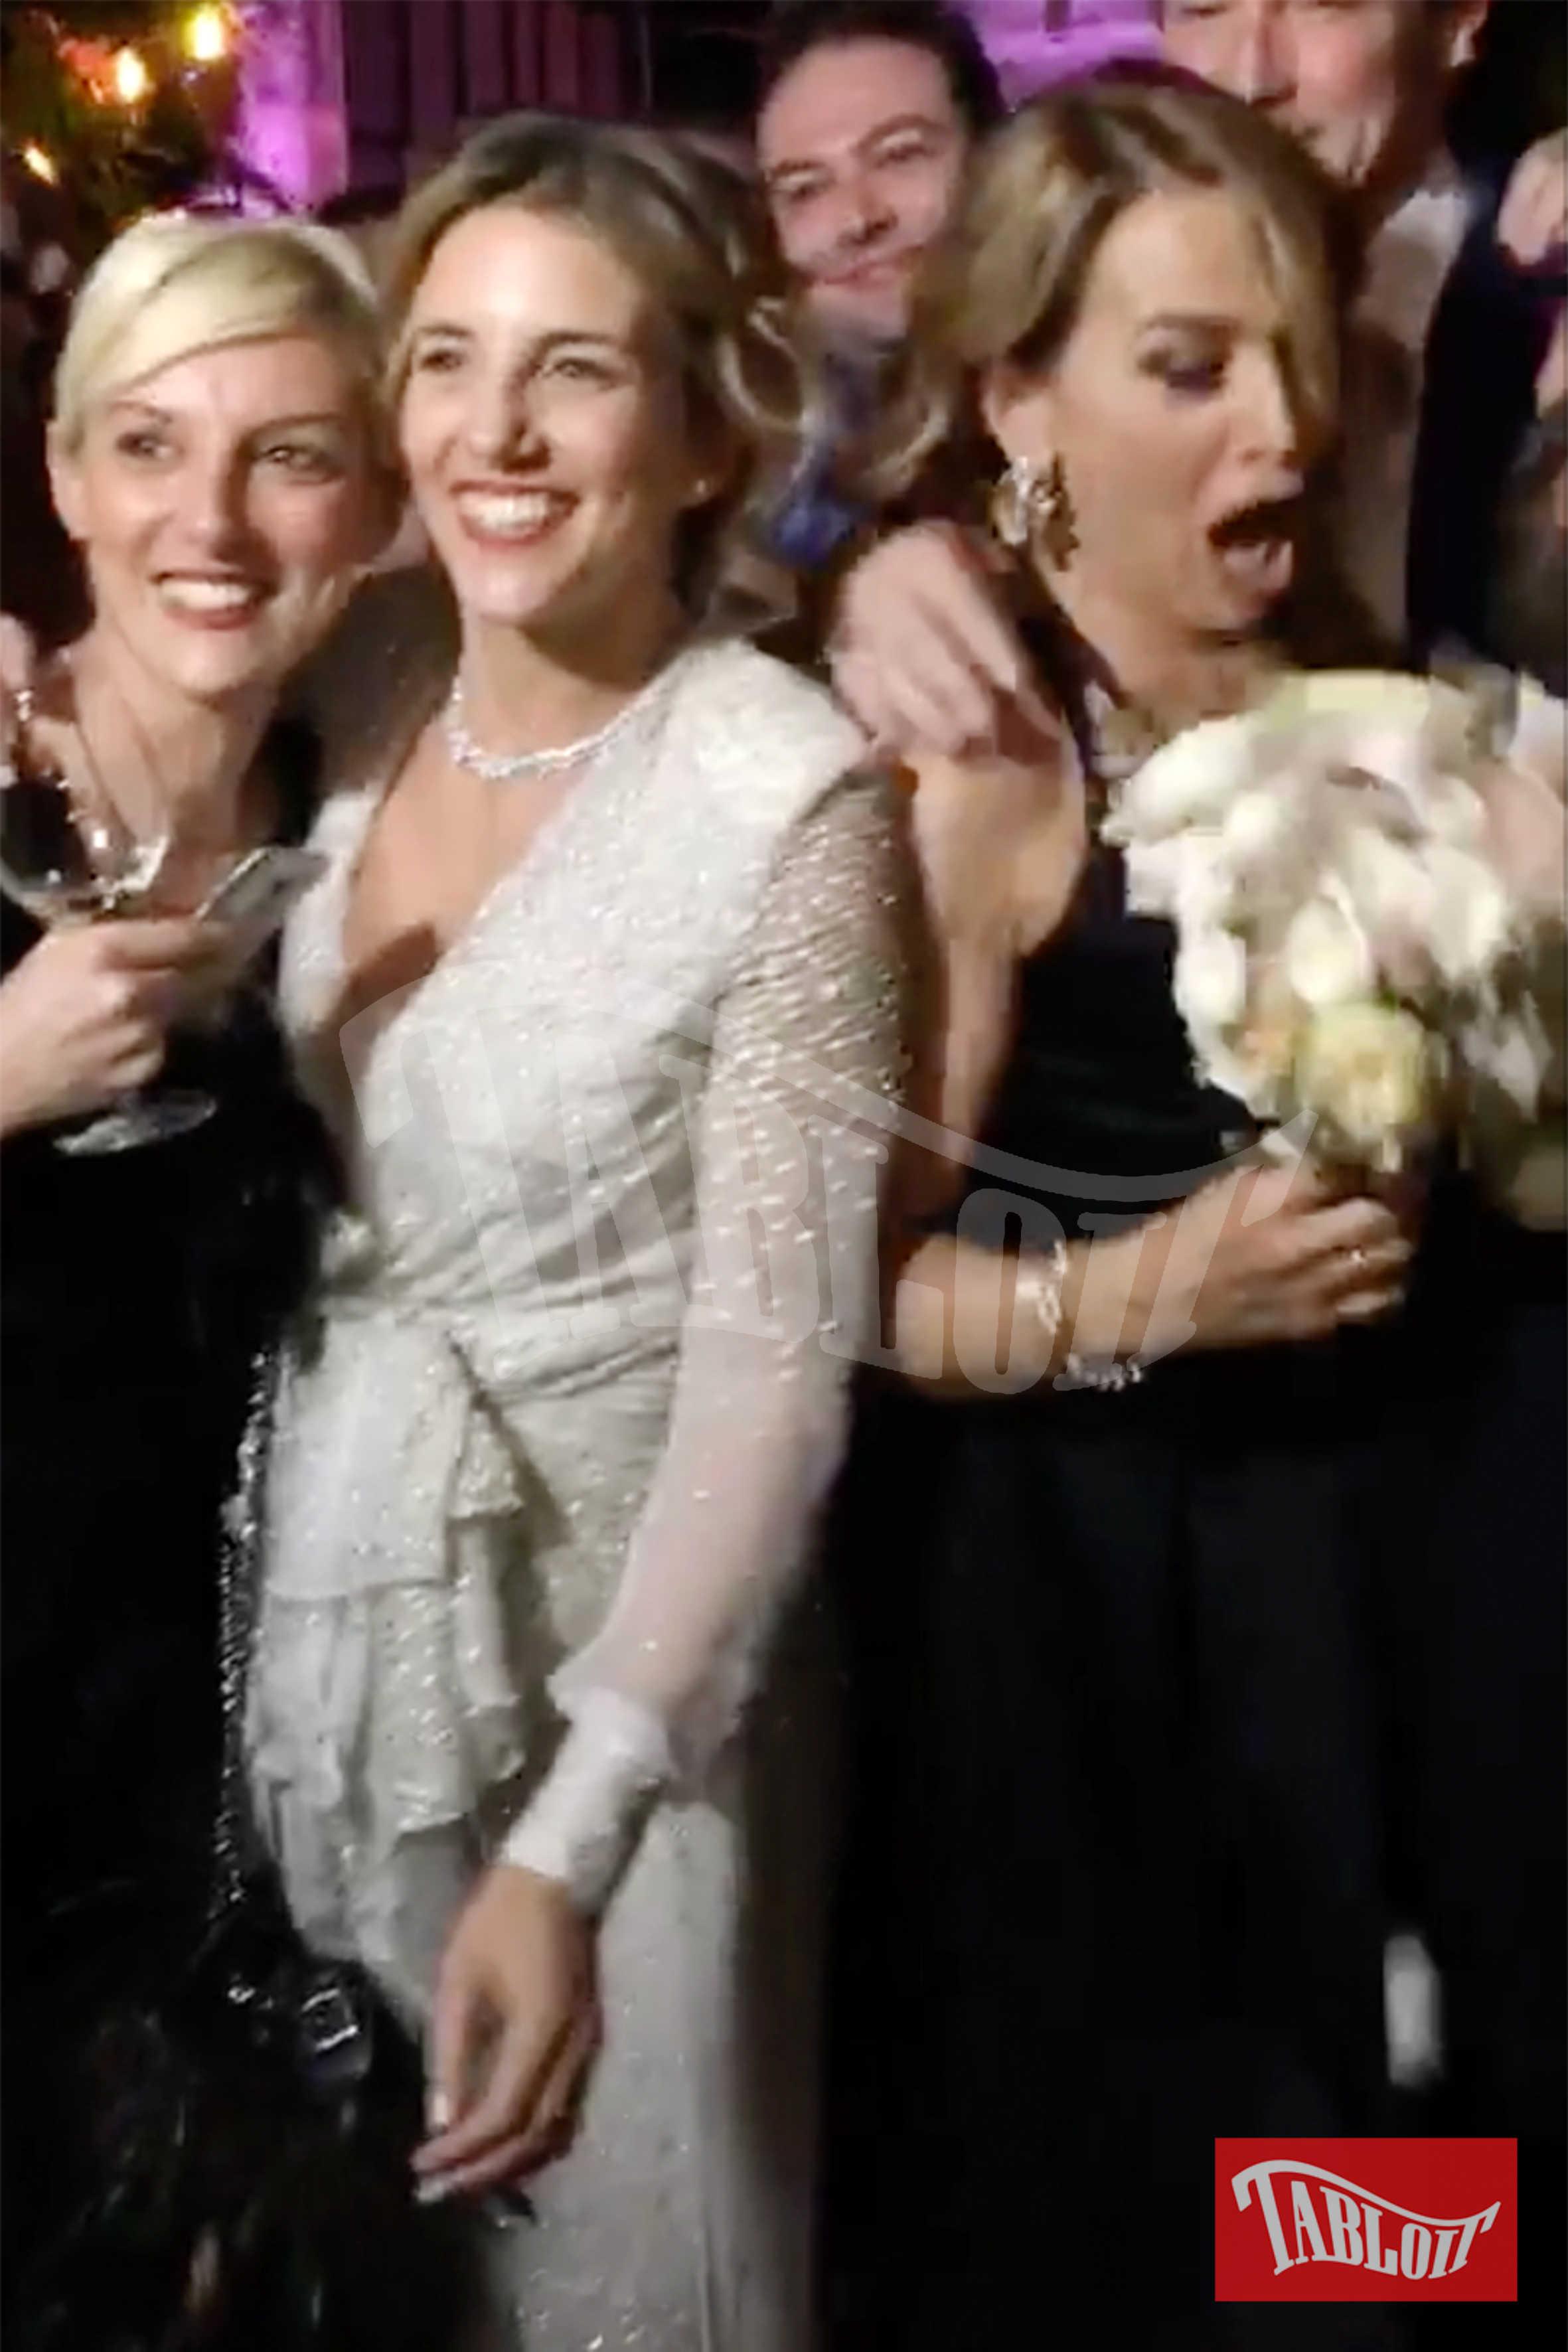 """""""Non ho nessuna intenzione di sposarmi ancora!"""" sembra pensare Barbara D'Urso in questo scatto, quando si accorge di avere tra le mani il bouquet della sposa"""